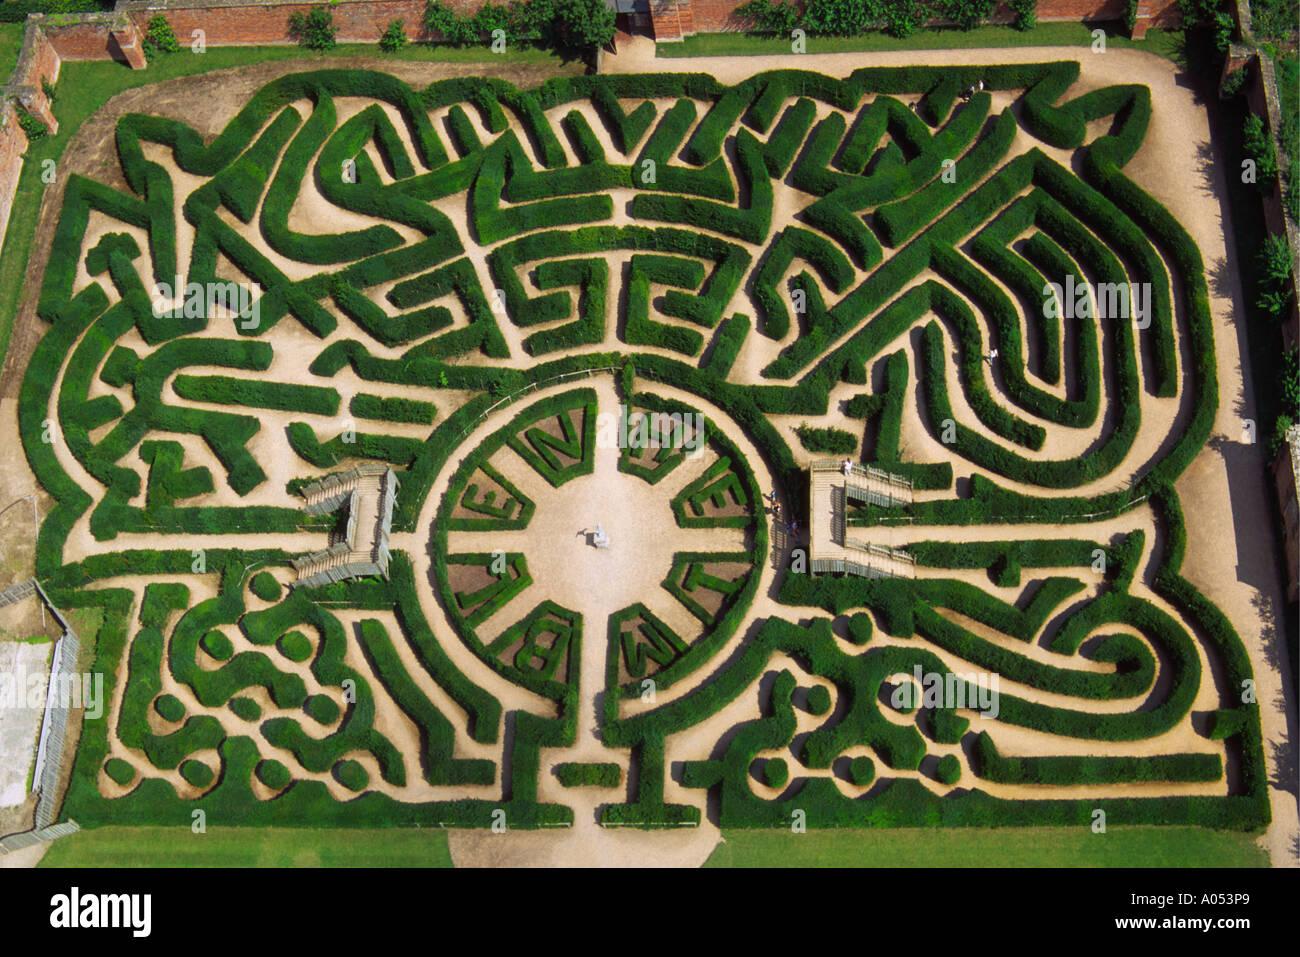 Marlborough Hedge Maze Blenheim Palace Oxfordshire UK